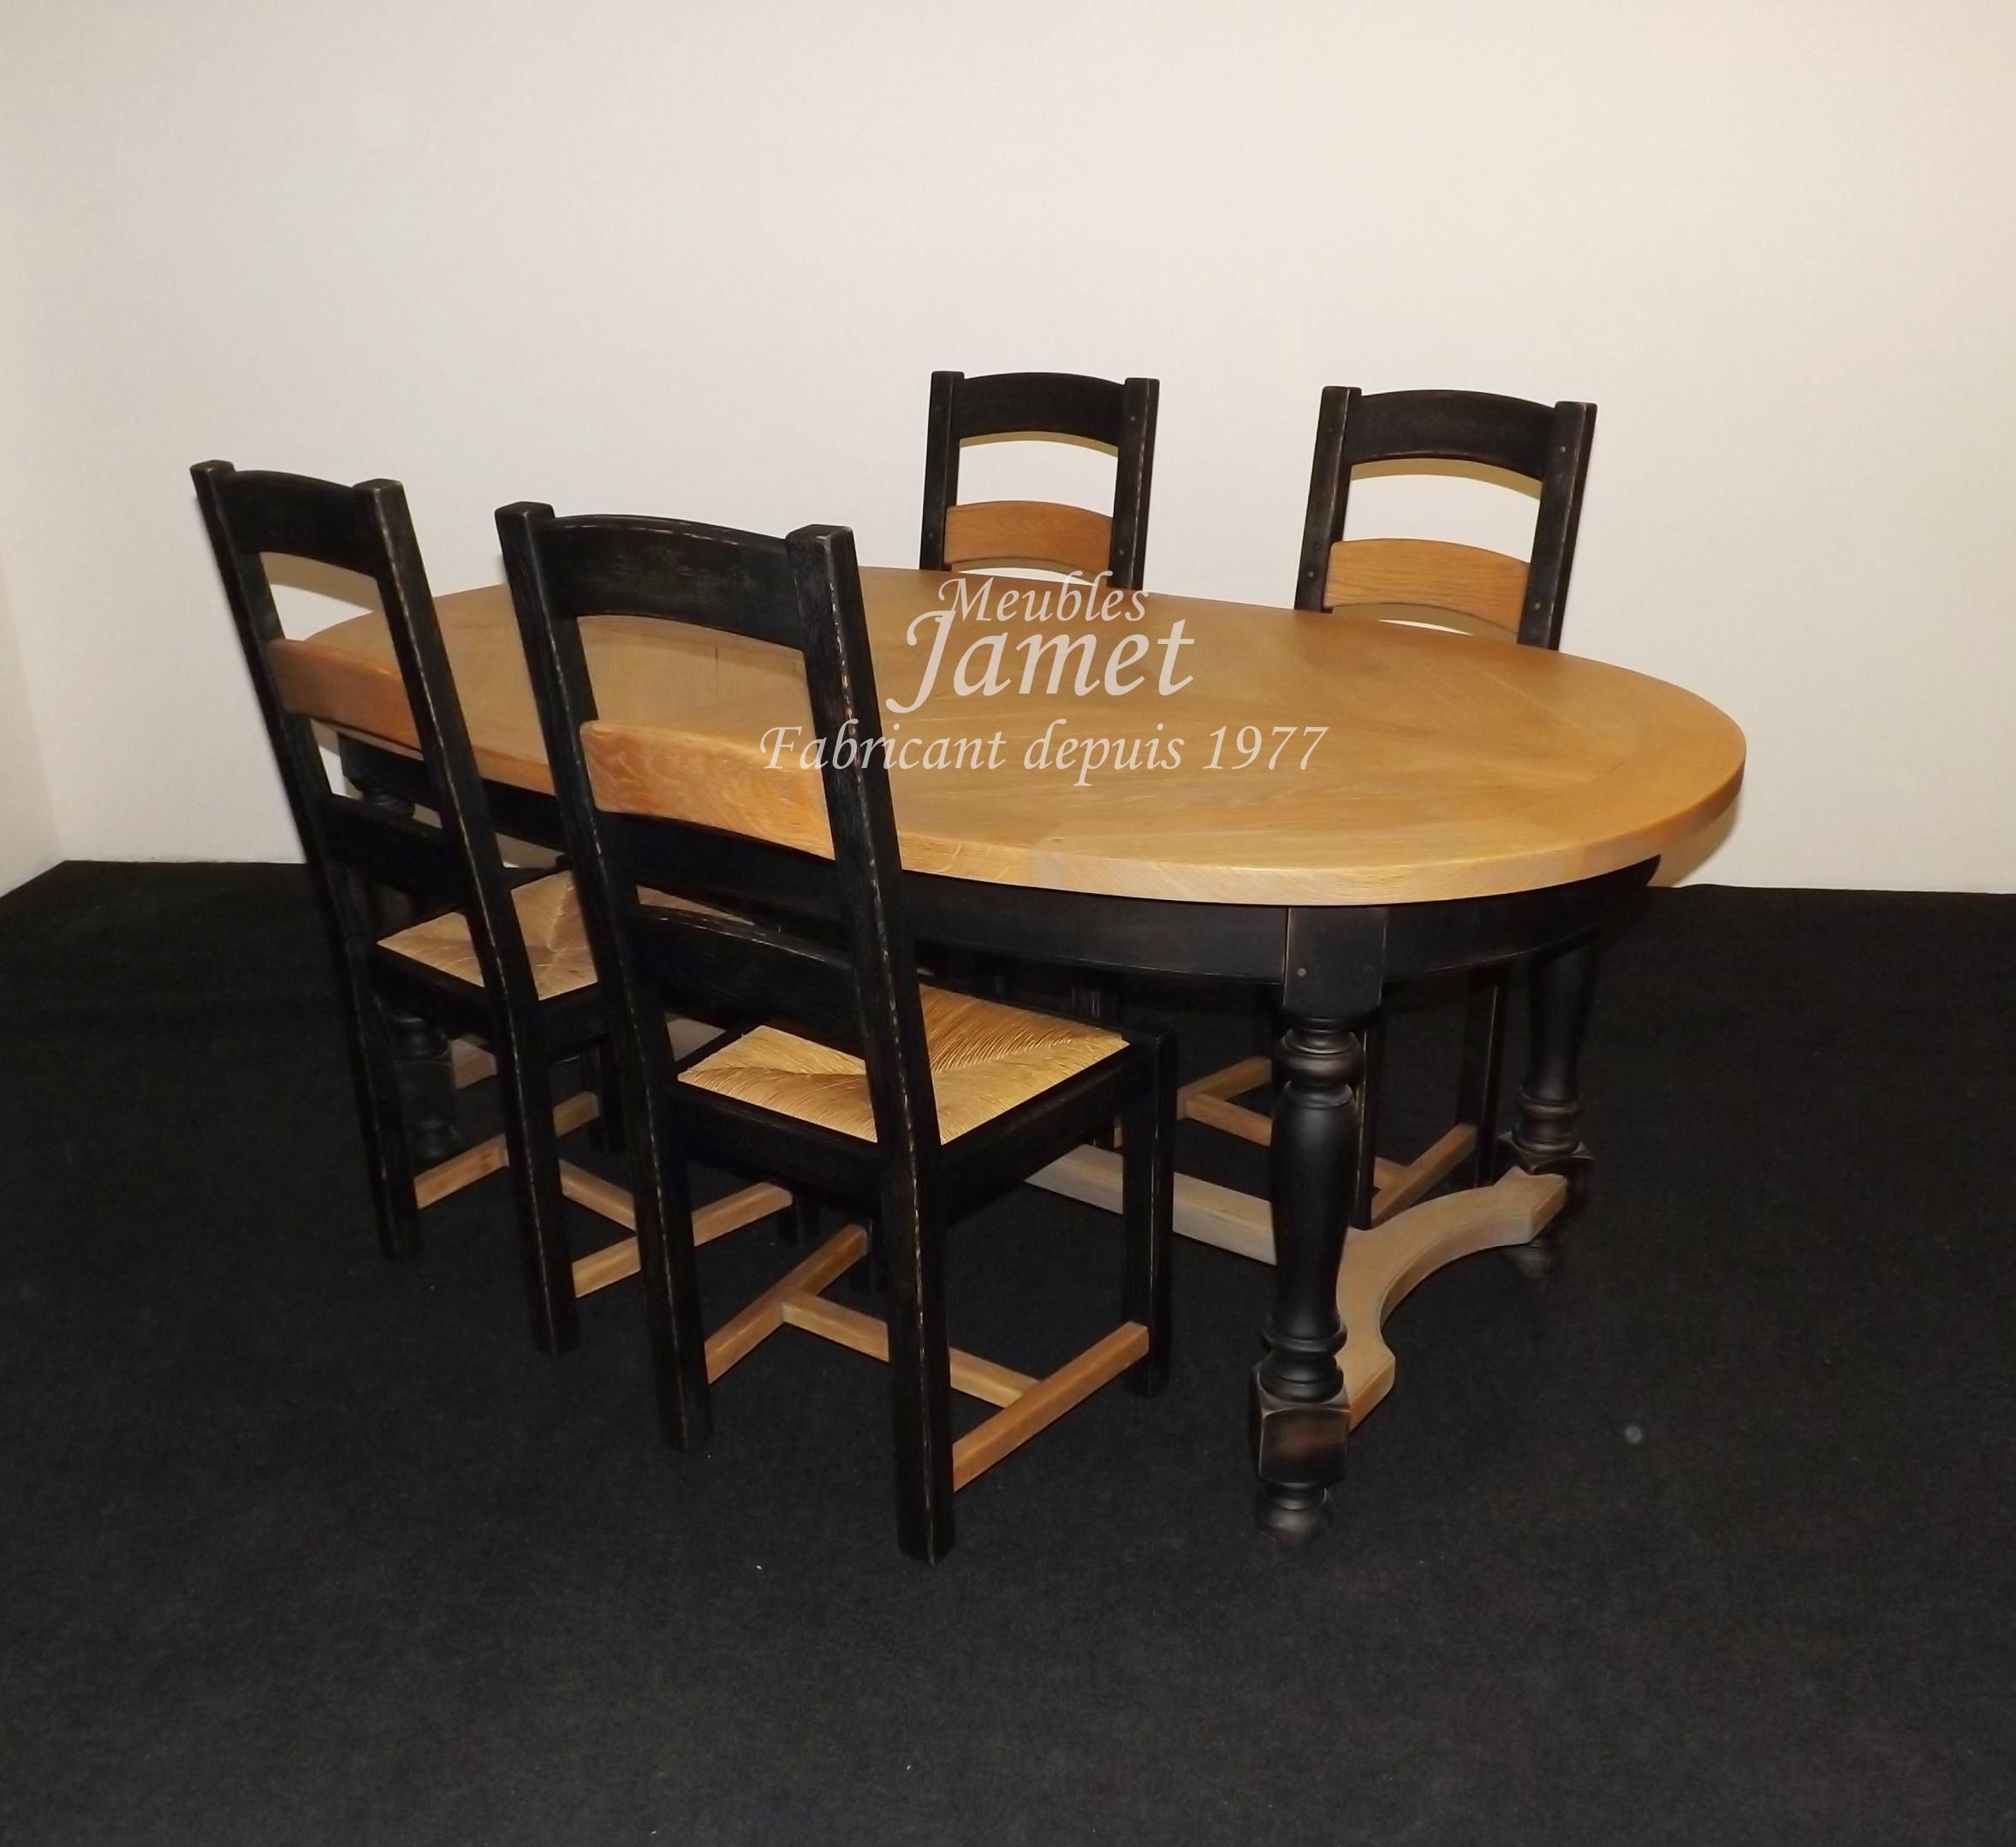 Relooker Une Table En Bois table ovale en chêne dessus en épis - meubles jamet